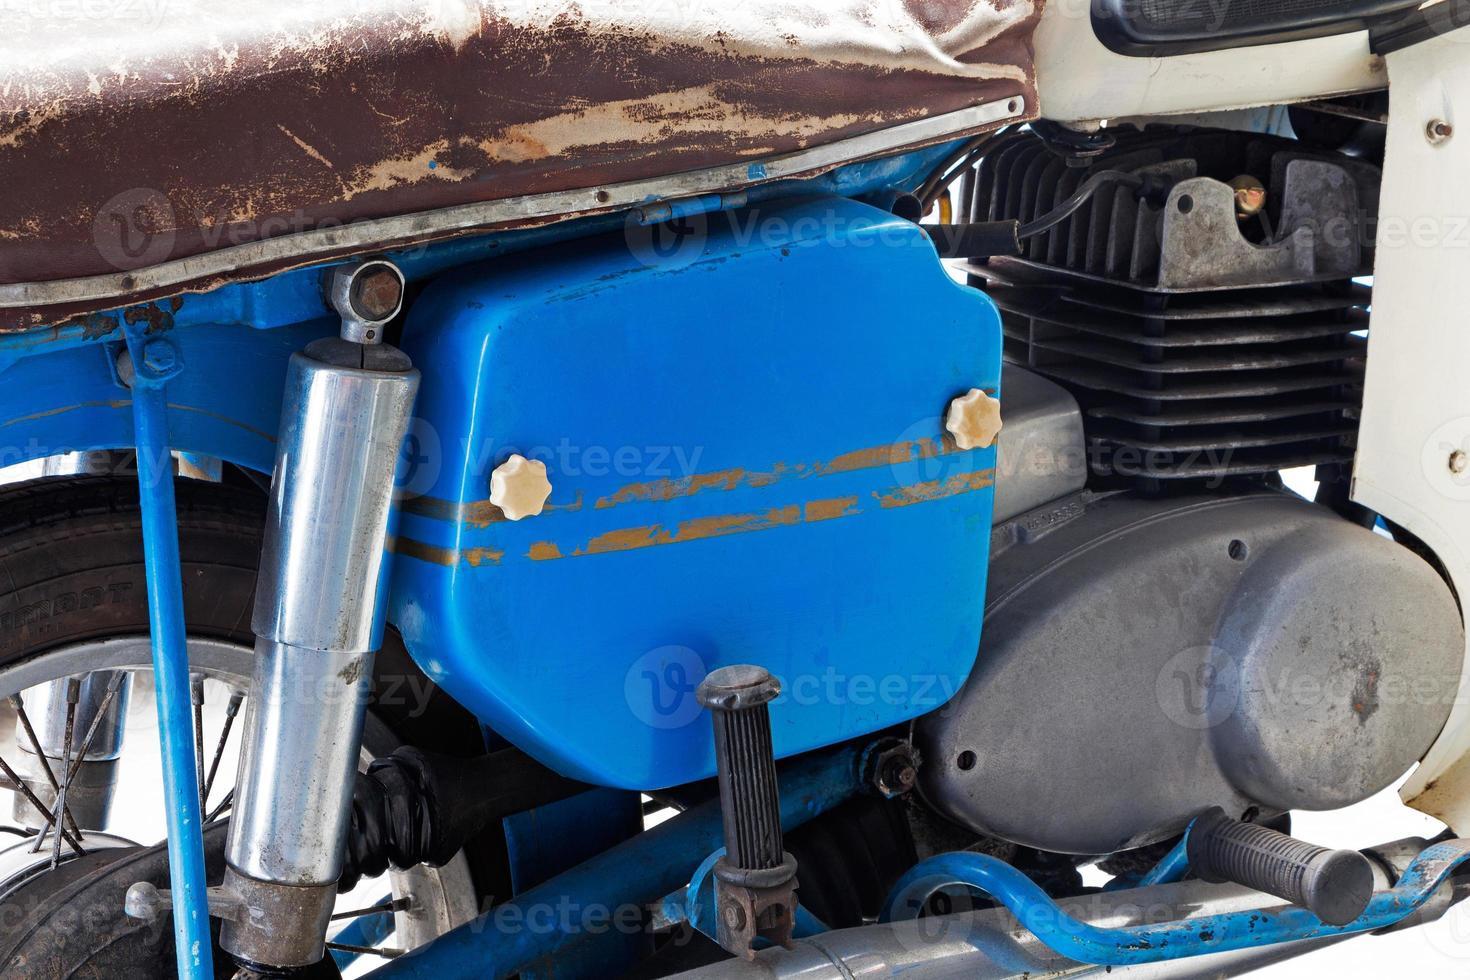 Detalle de la vieja motocicleta oxidada foto